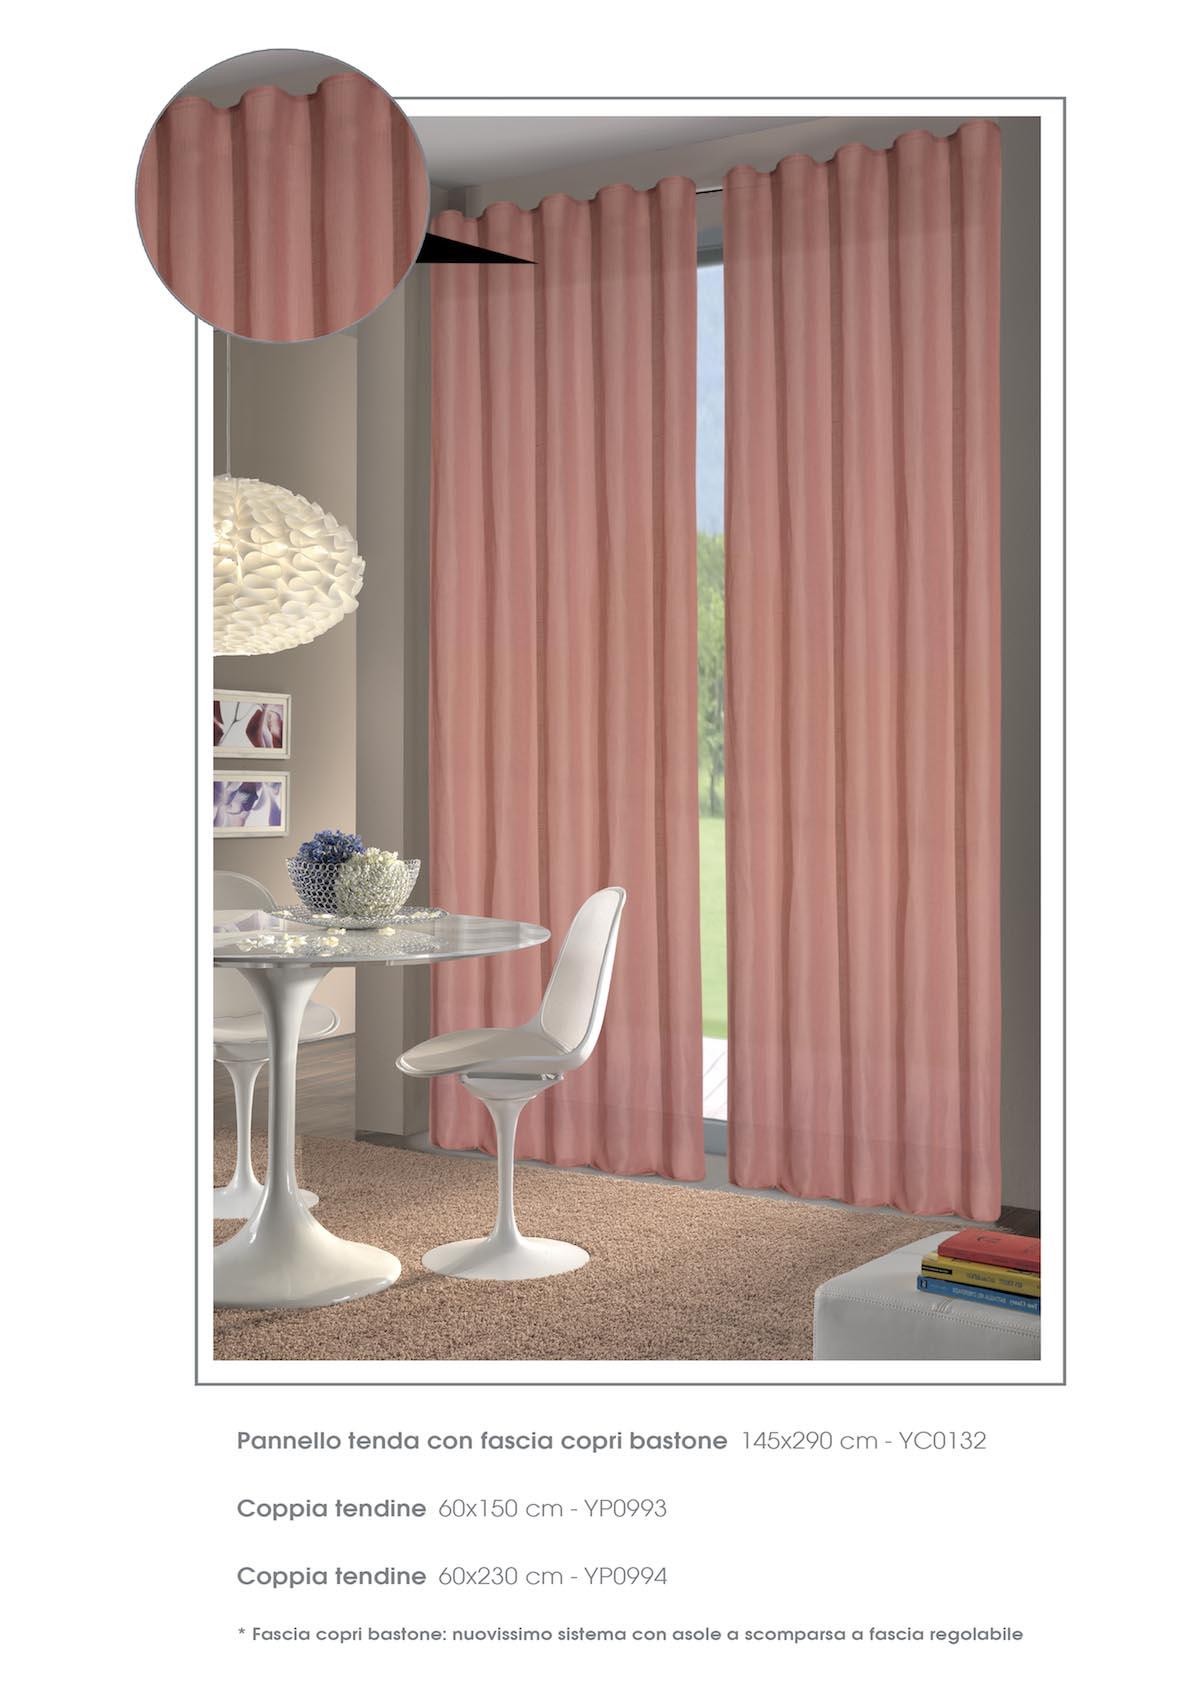 Scopri tutte le soluzioni del laboratorio artigianale tappezzeria gloria. Mae Ready Made Curtains Via Roma 60